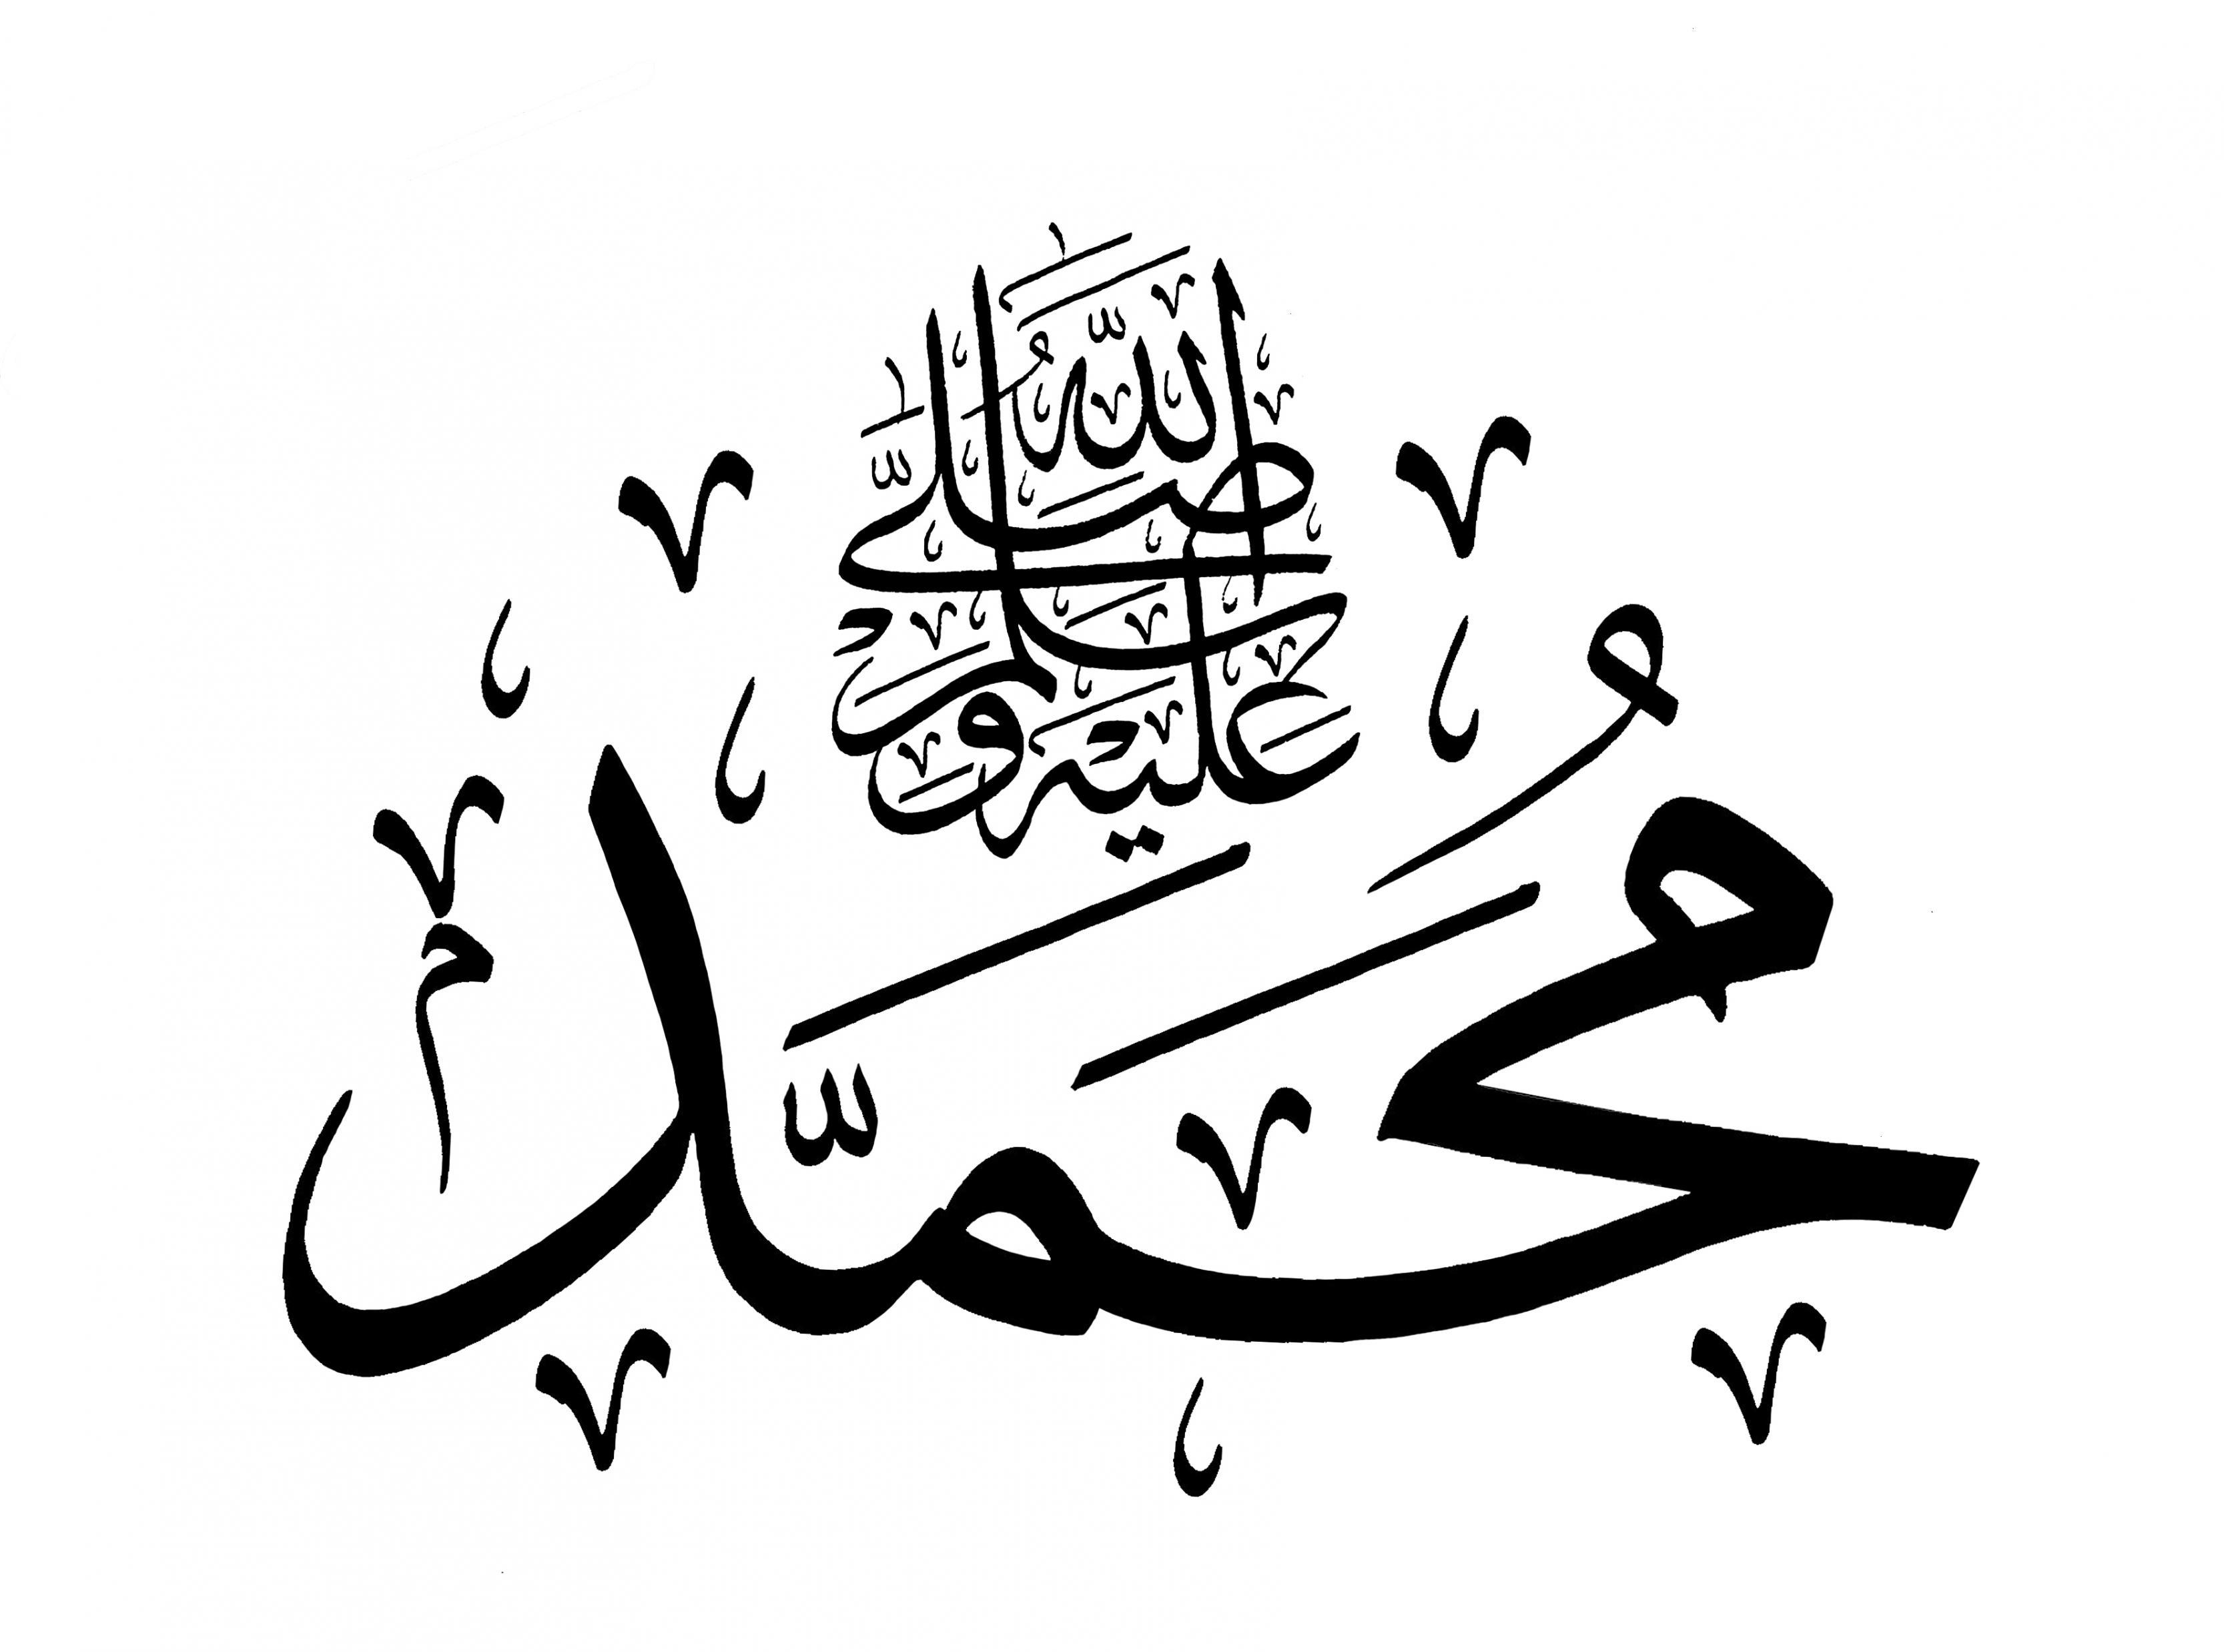 بالصور صور لاسم محمد , يا حبيبي يا رسول الله 1878